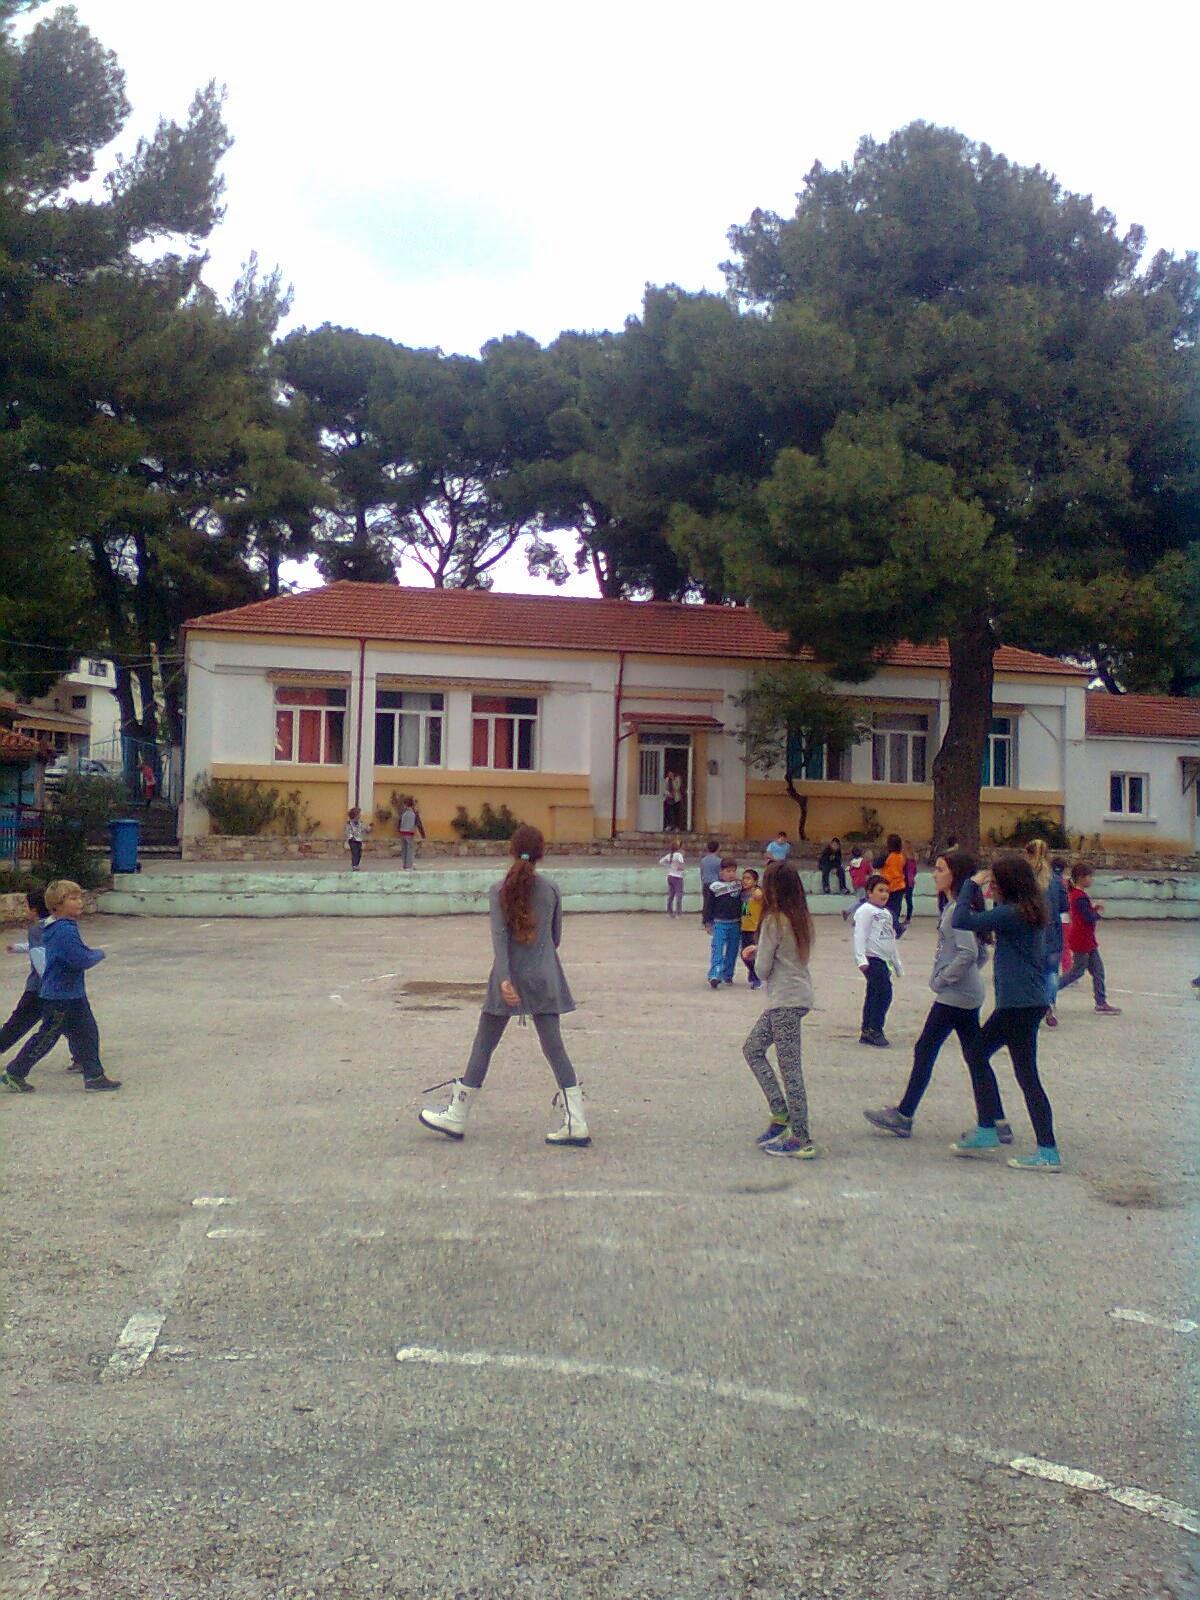 Το ποσό των 4.950 ευρώ στον Δήμο Αλοννήσου για δράσεις επισκευής και συντήρησης σχολικών κτιρίων.